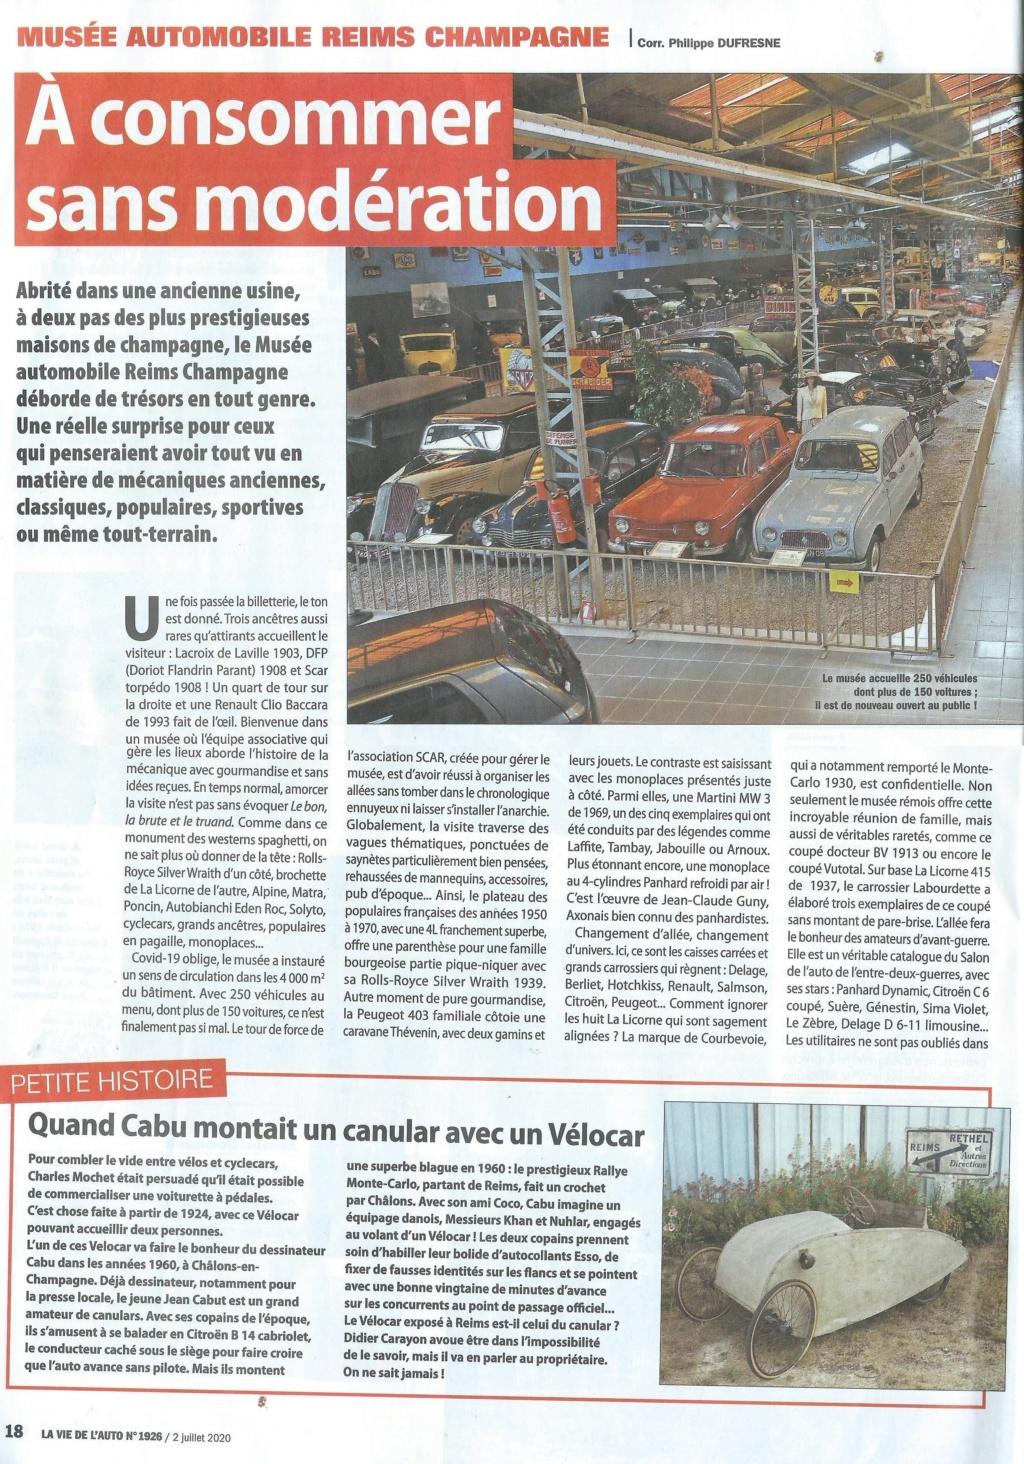 Musée de Reims - Champagne - Page 2 Lva_mu10